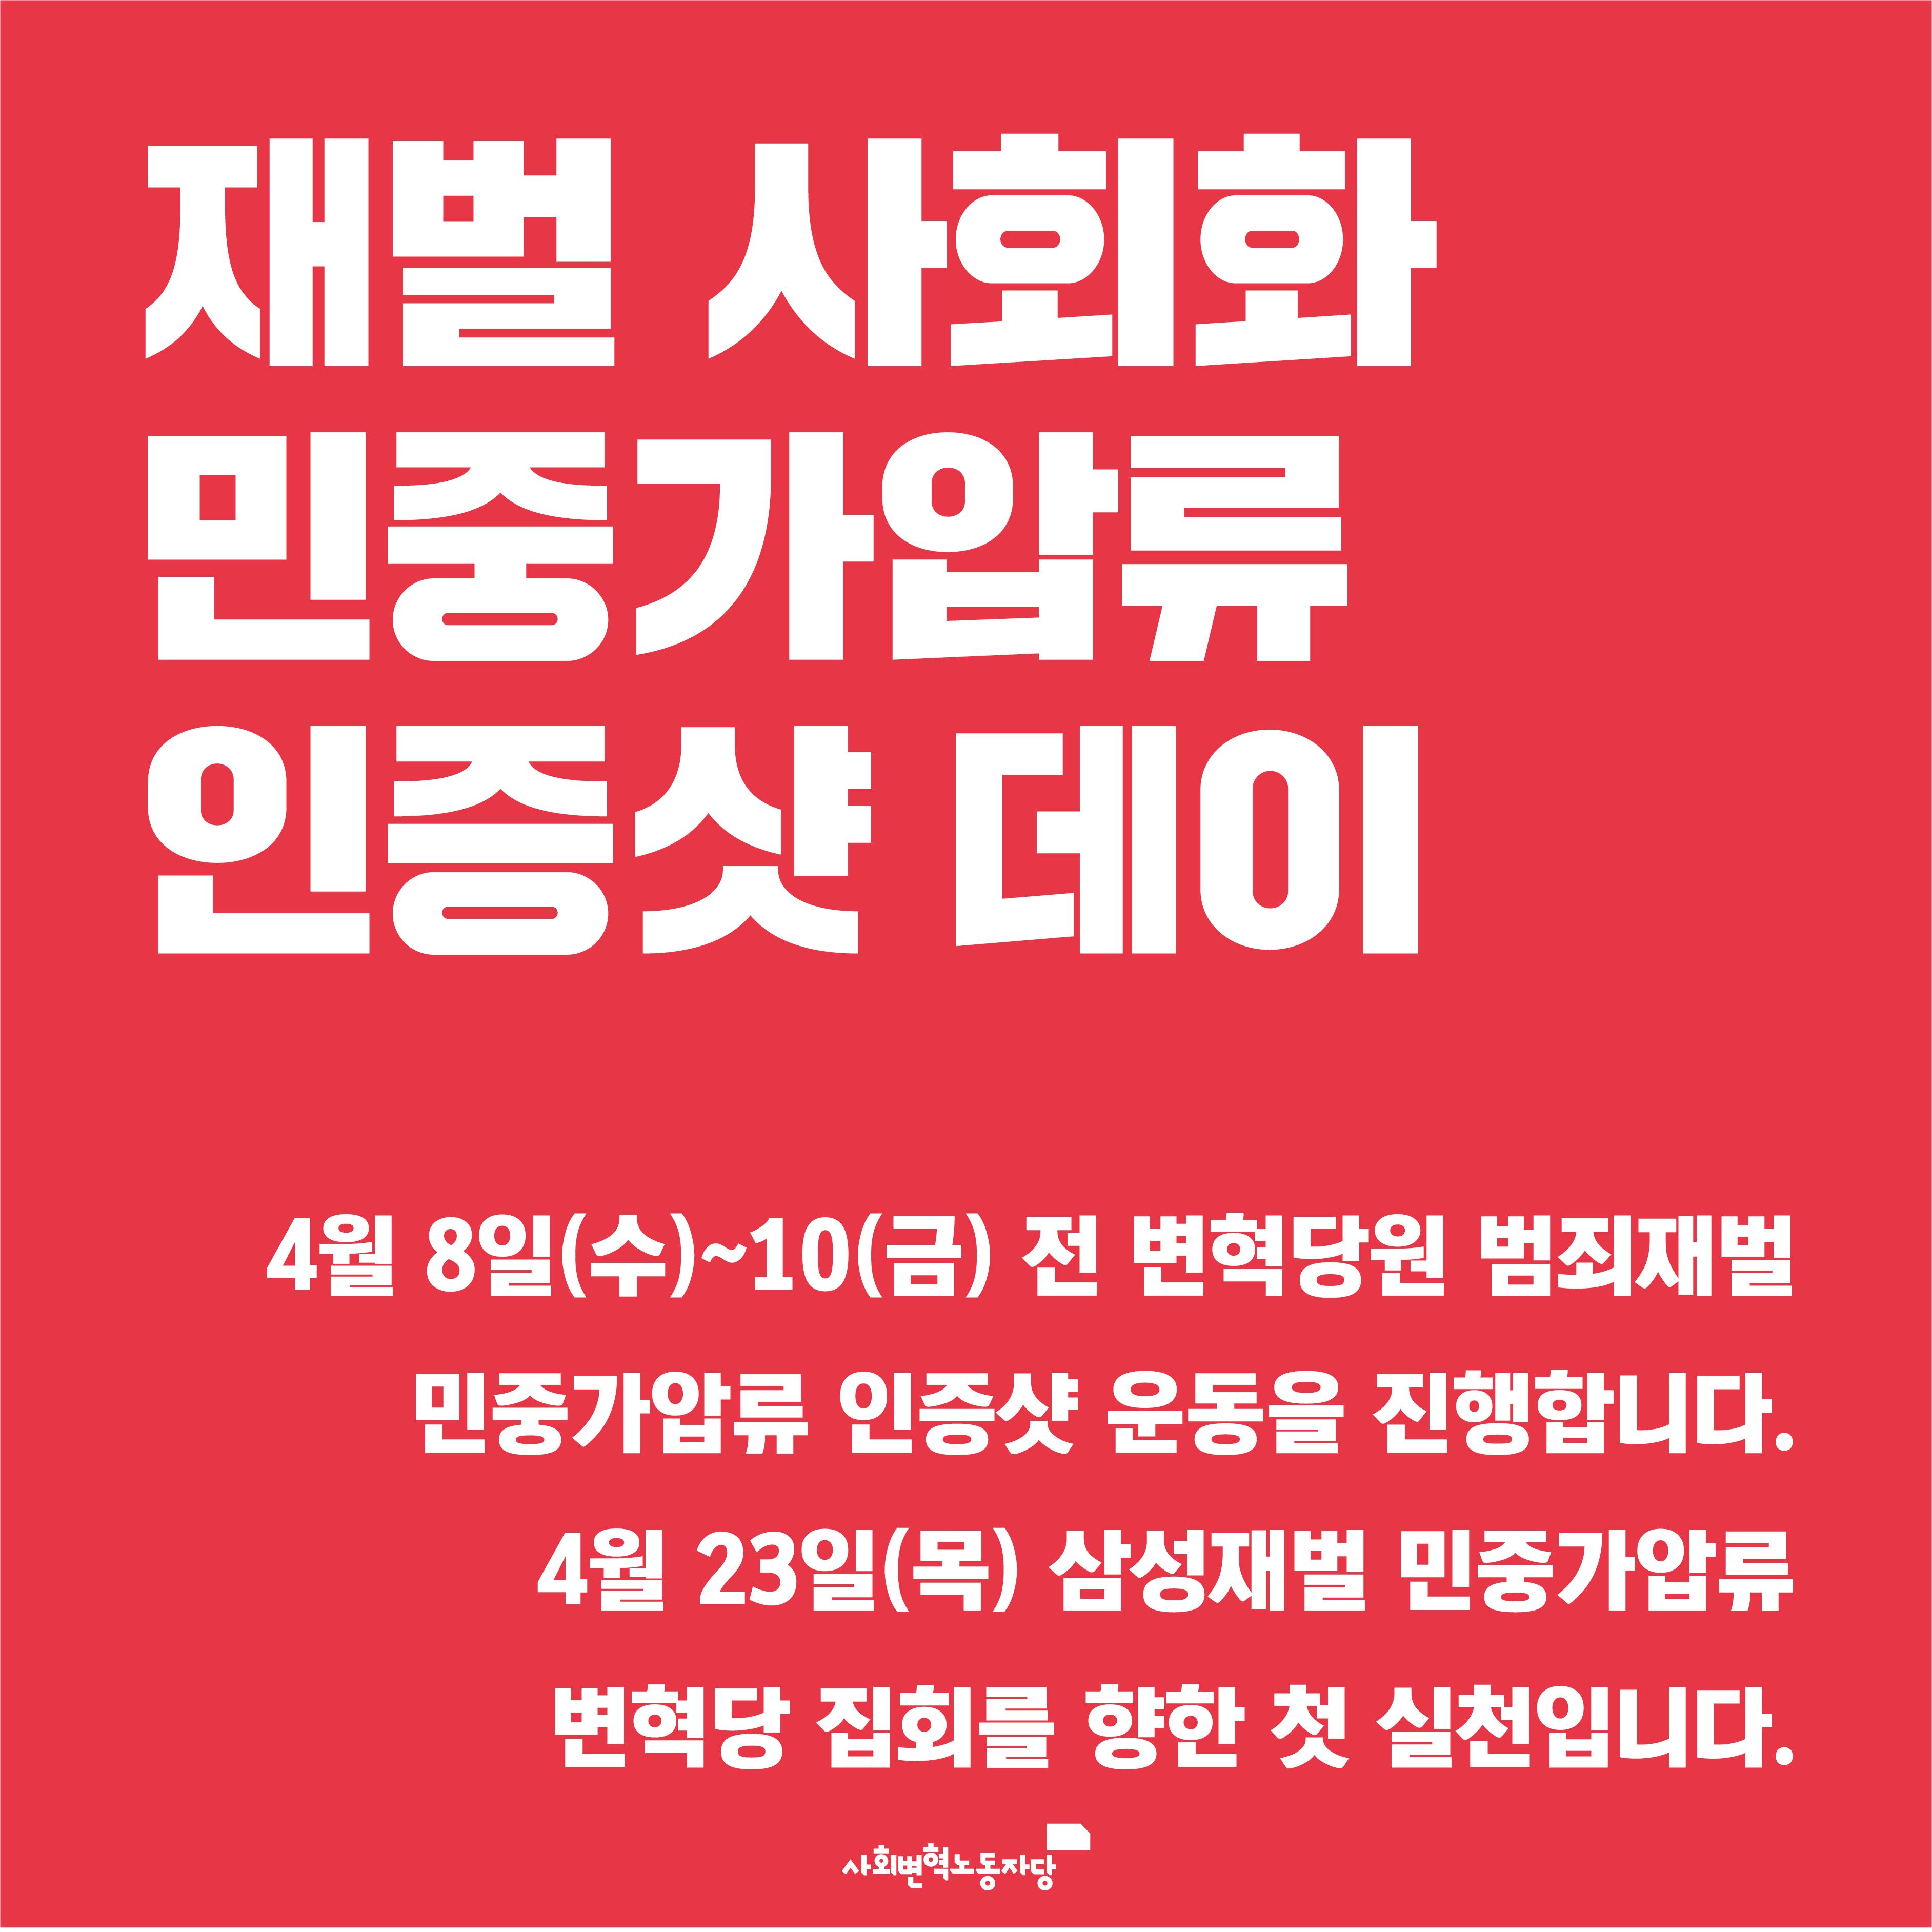 카드뉴스_포토카드 설명_대지 1.jpg